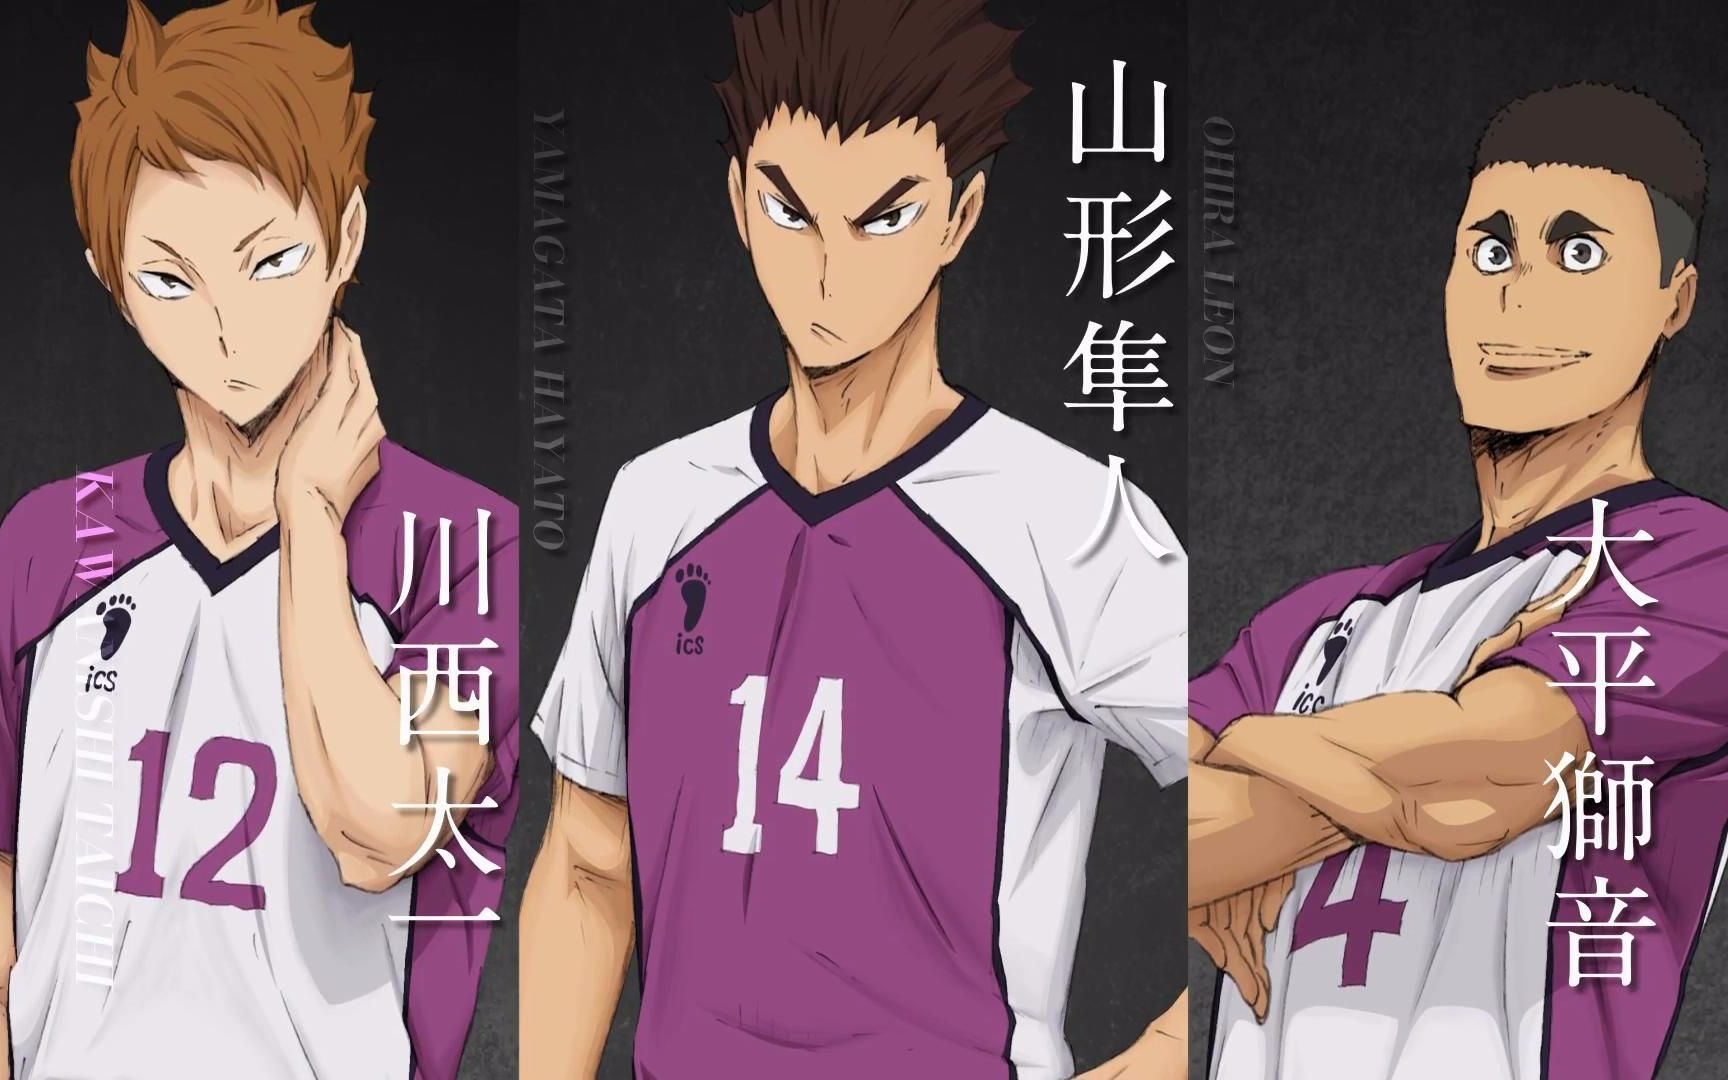 【10月】排球少年!! 乌野高校 VS 白鸟沢学园高校 PV2